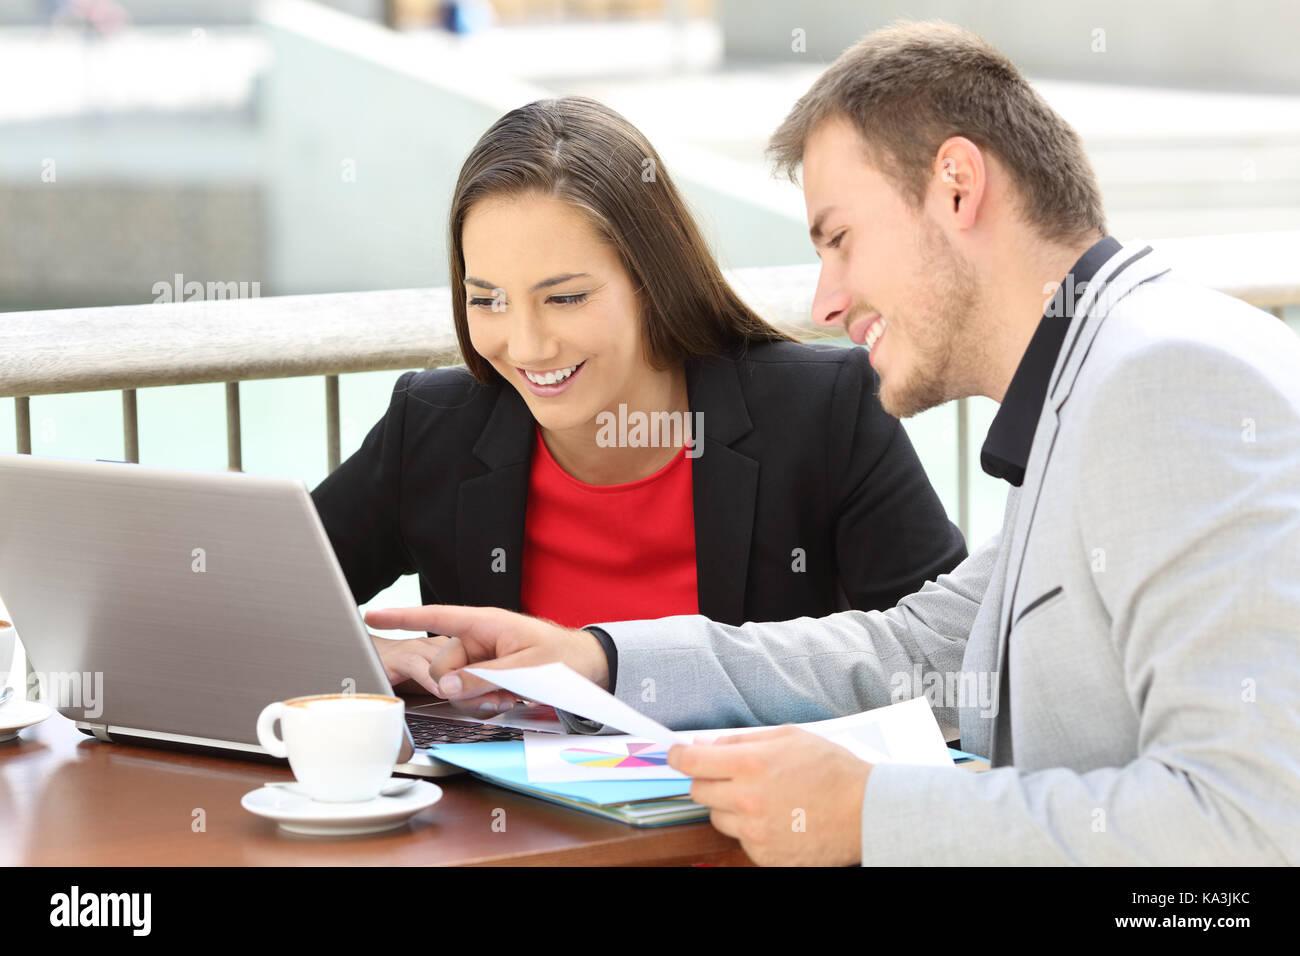 Deux cadres travaillant à la ligne avec un ordinateur portable assis dans un bar terrasse Photo Stock